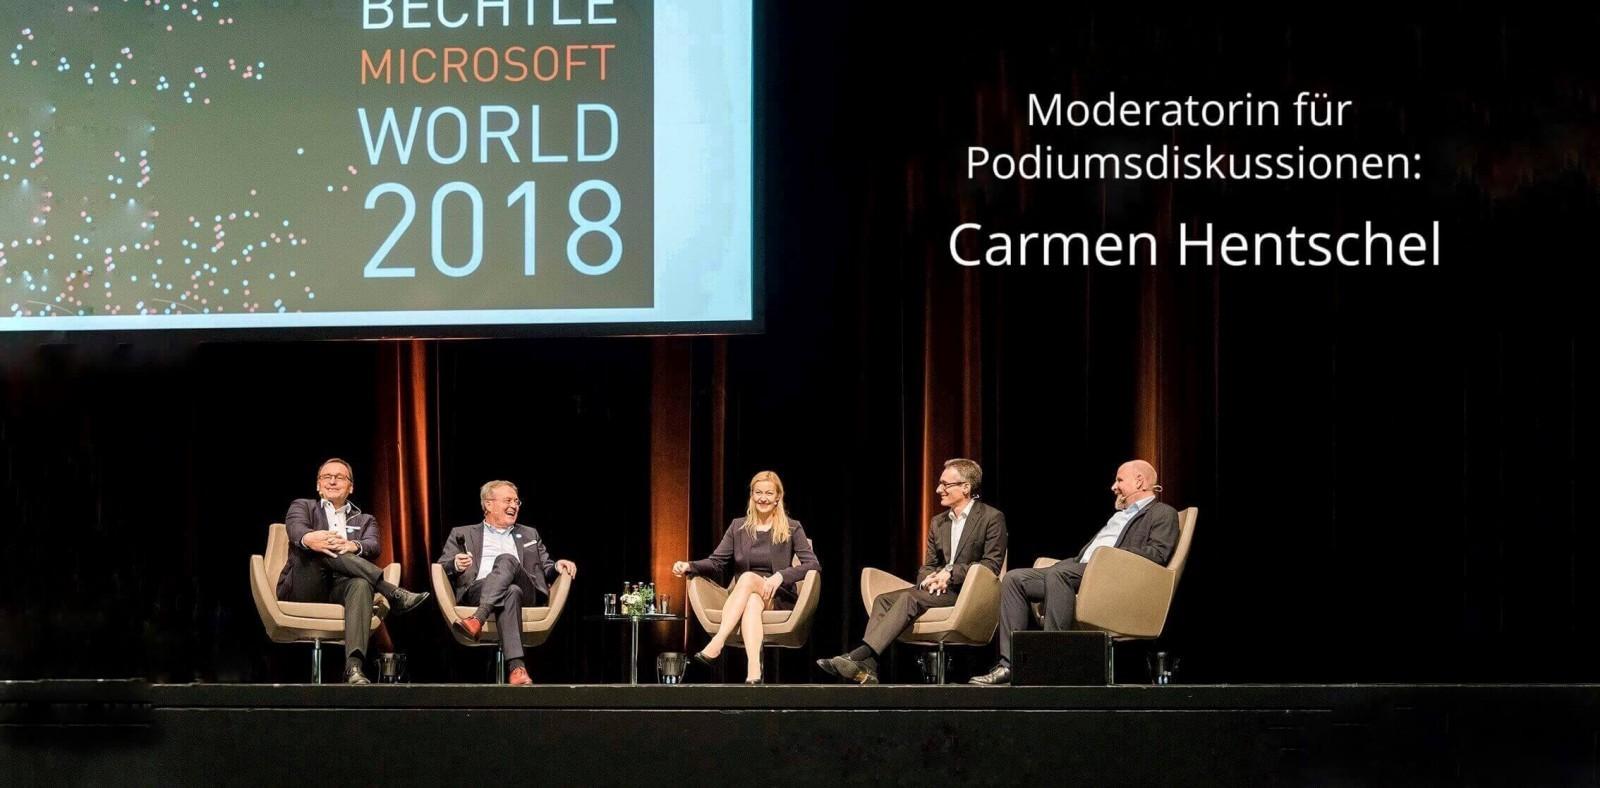 Moderatorin für Podiumsdiskussionen Carmen Hentschel